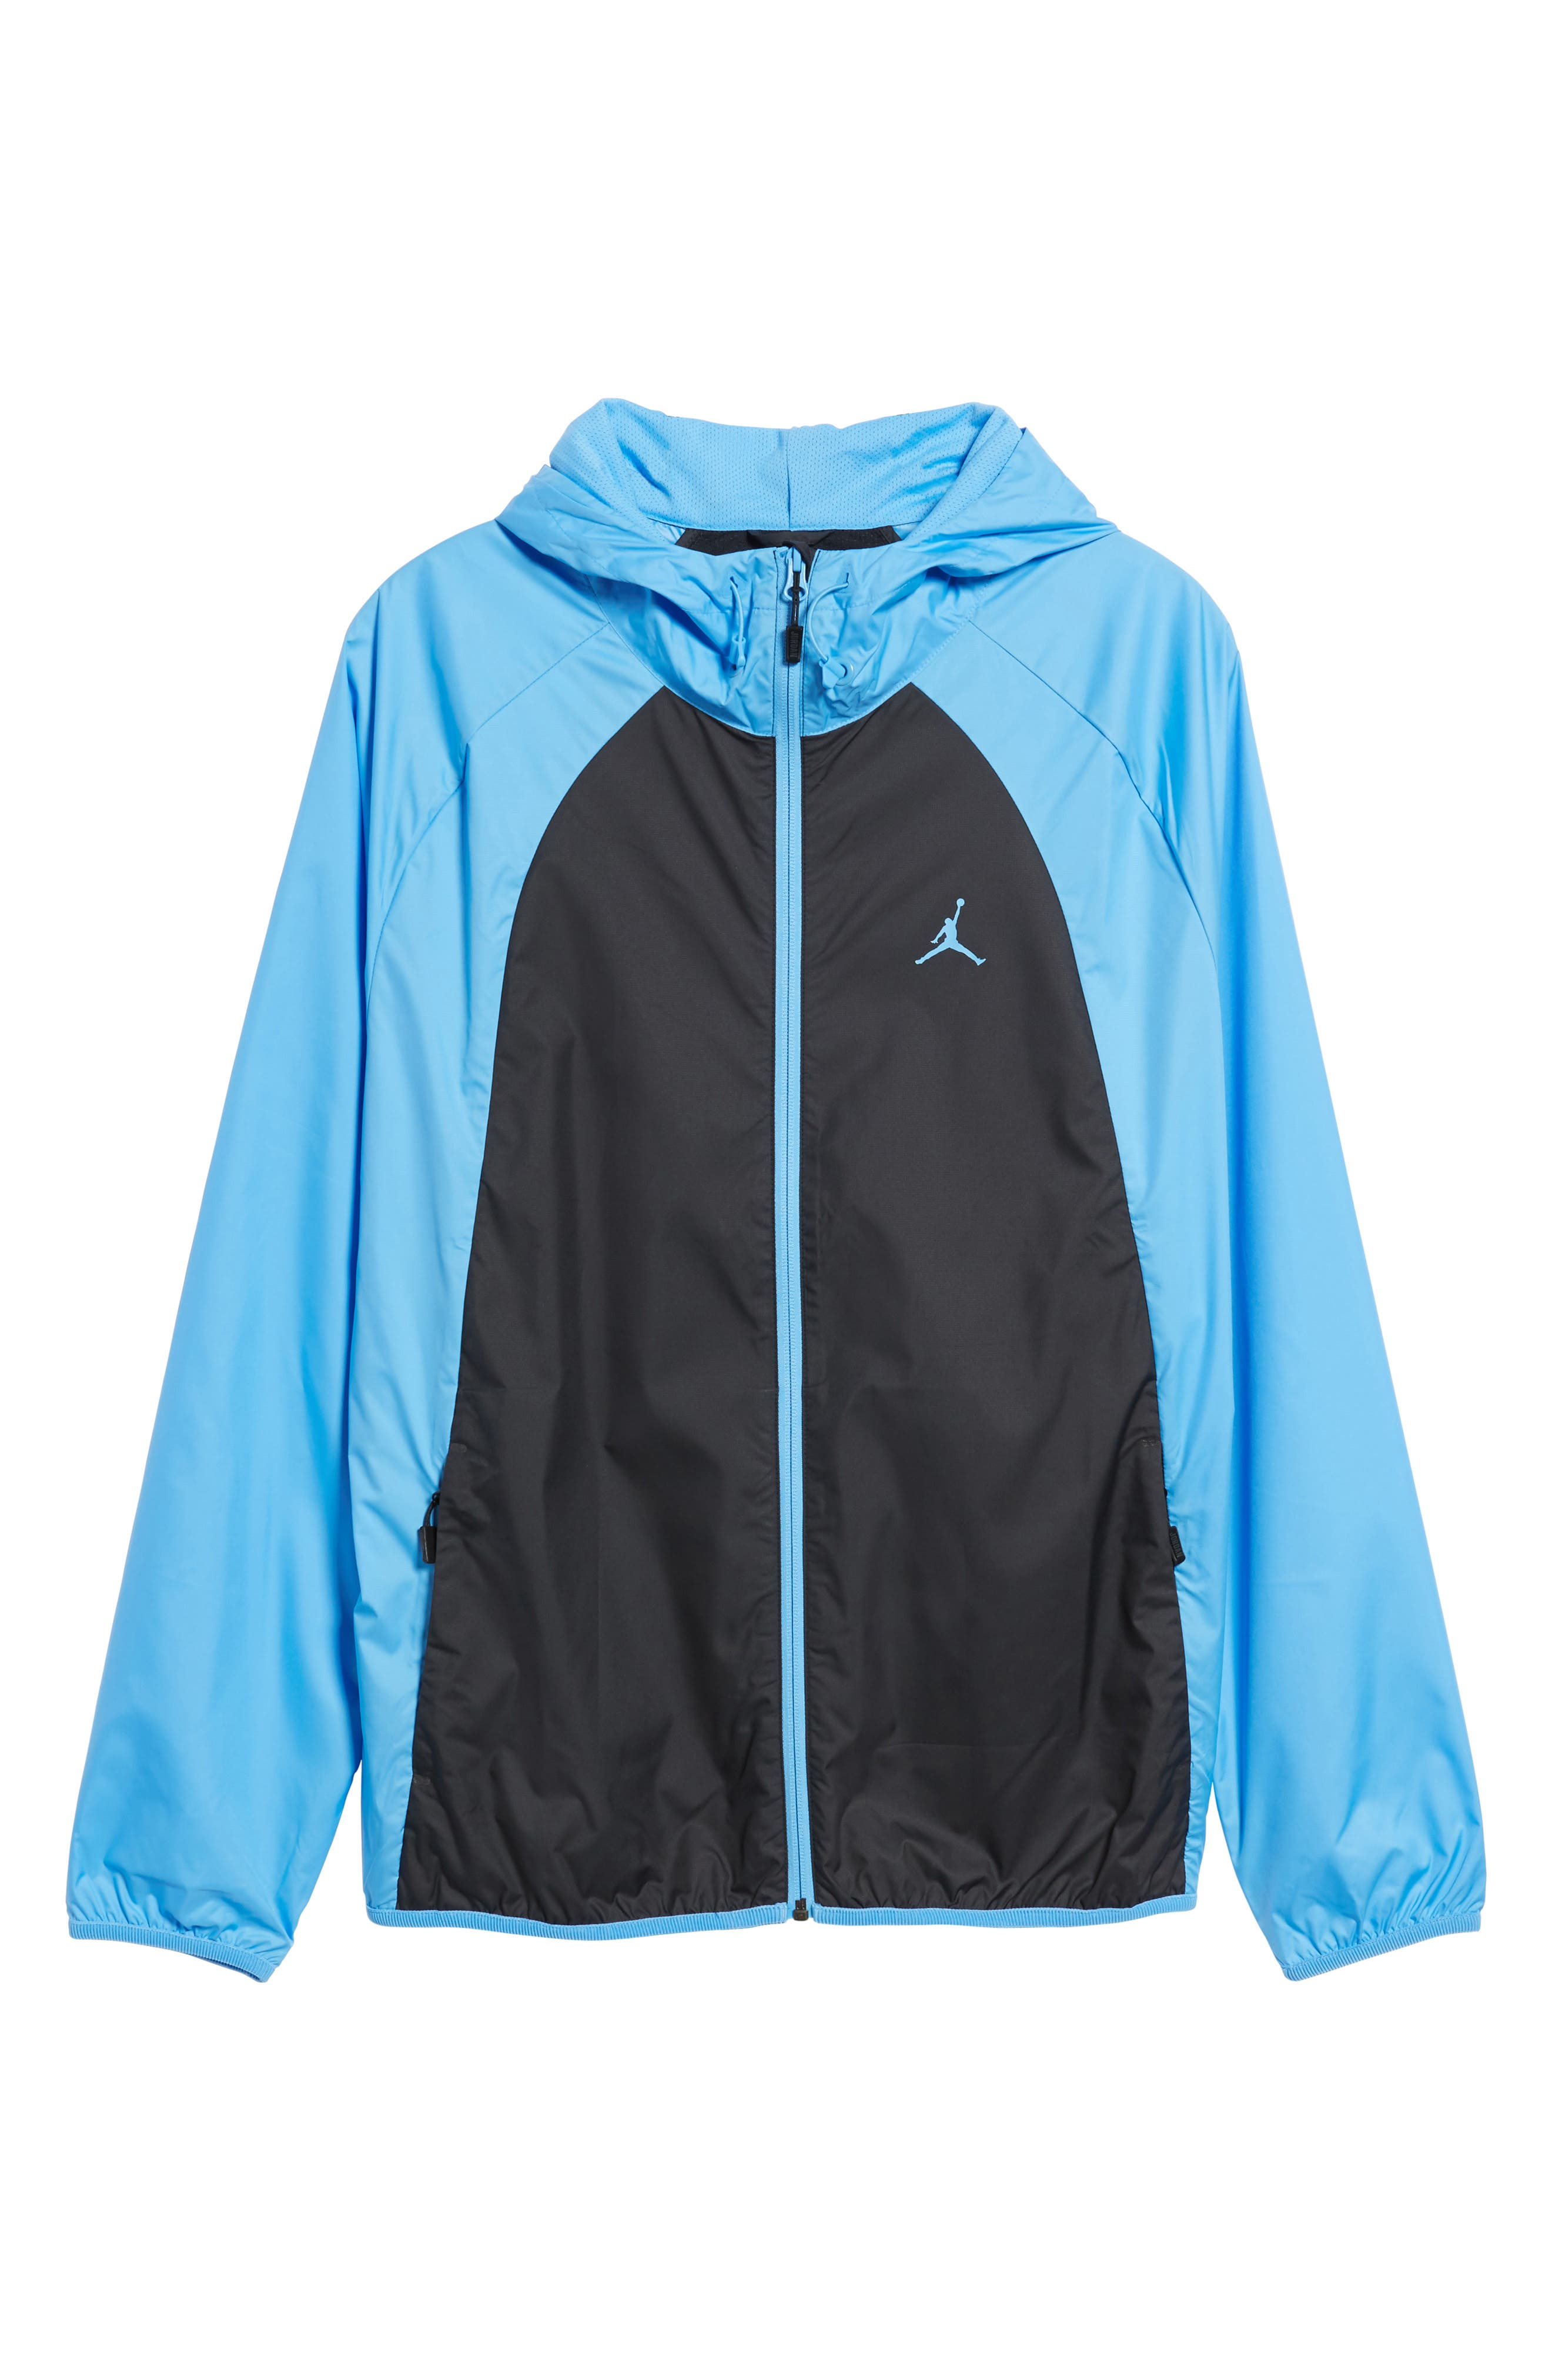 Alternate Image 1 Selected - Nike Jordan Sportswear Wings Windbreaker Jacket